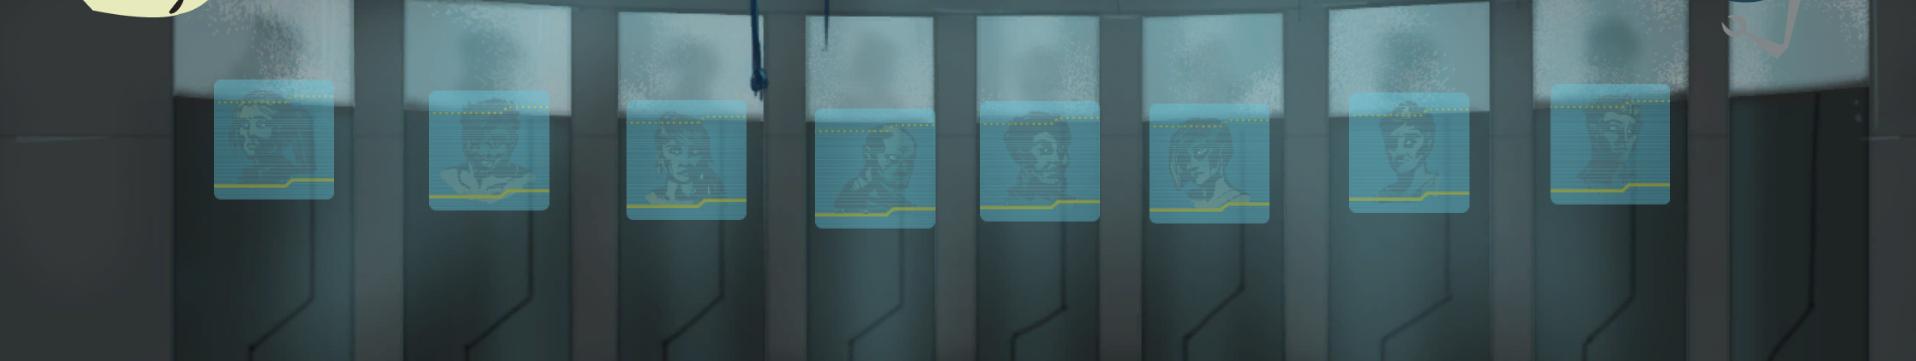 Cryonaut Demo